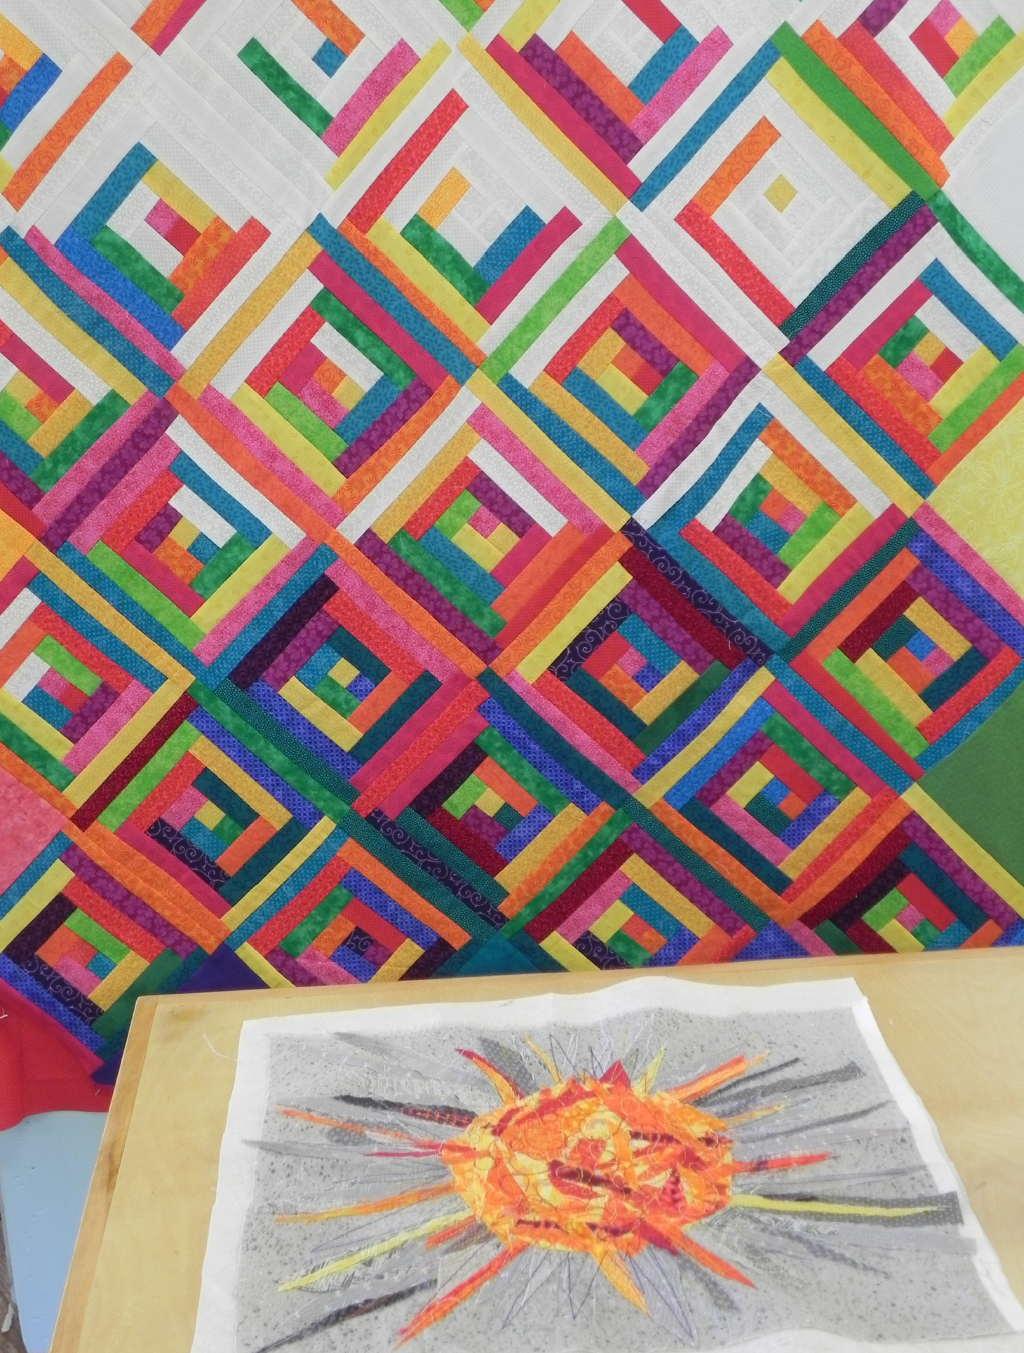 01 Open Quilt Studio